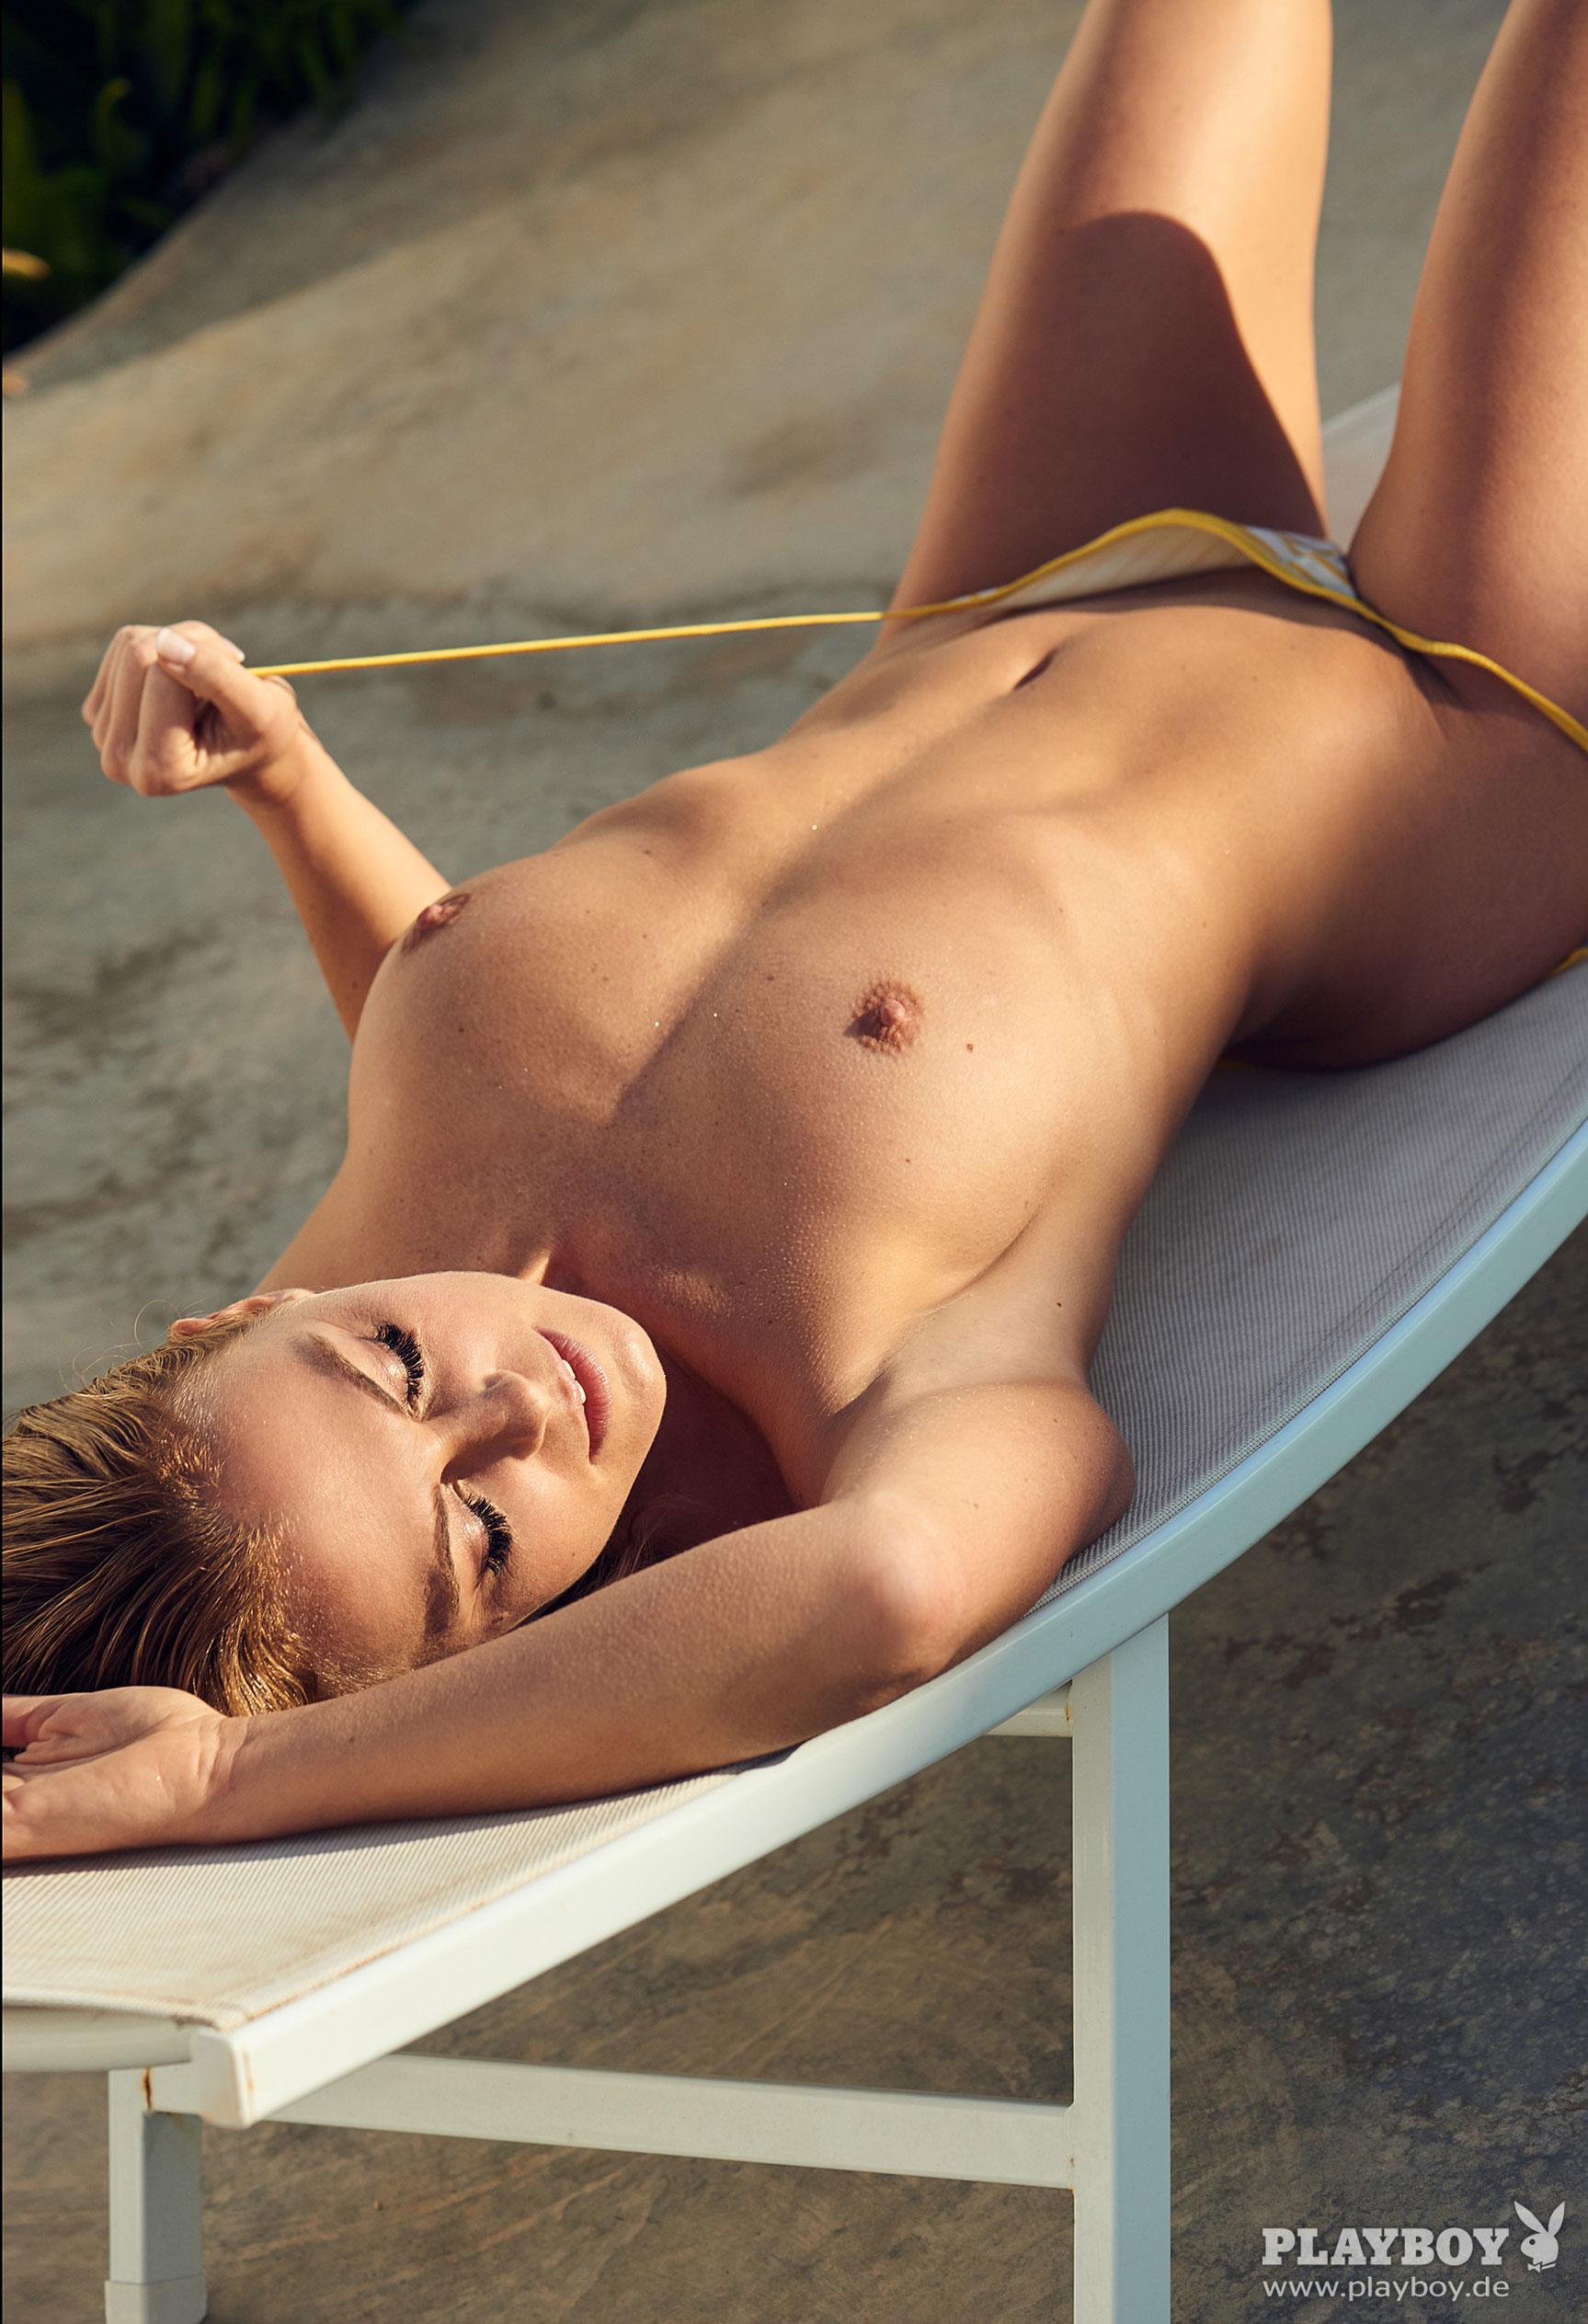 фитнес-модель и тренер, телезвезда Марейке Спалек в журнале Playboy Германия, апрель 2018 / фото 07